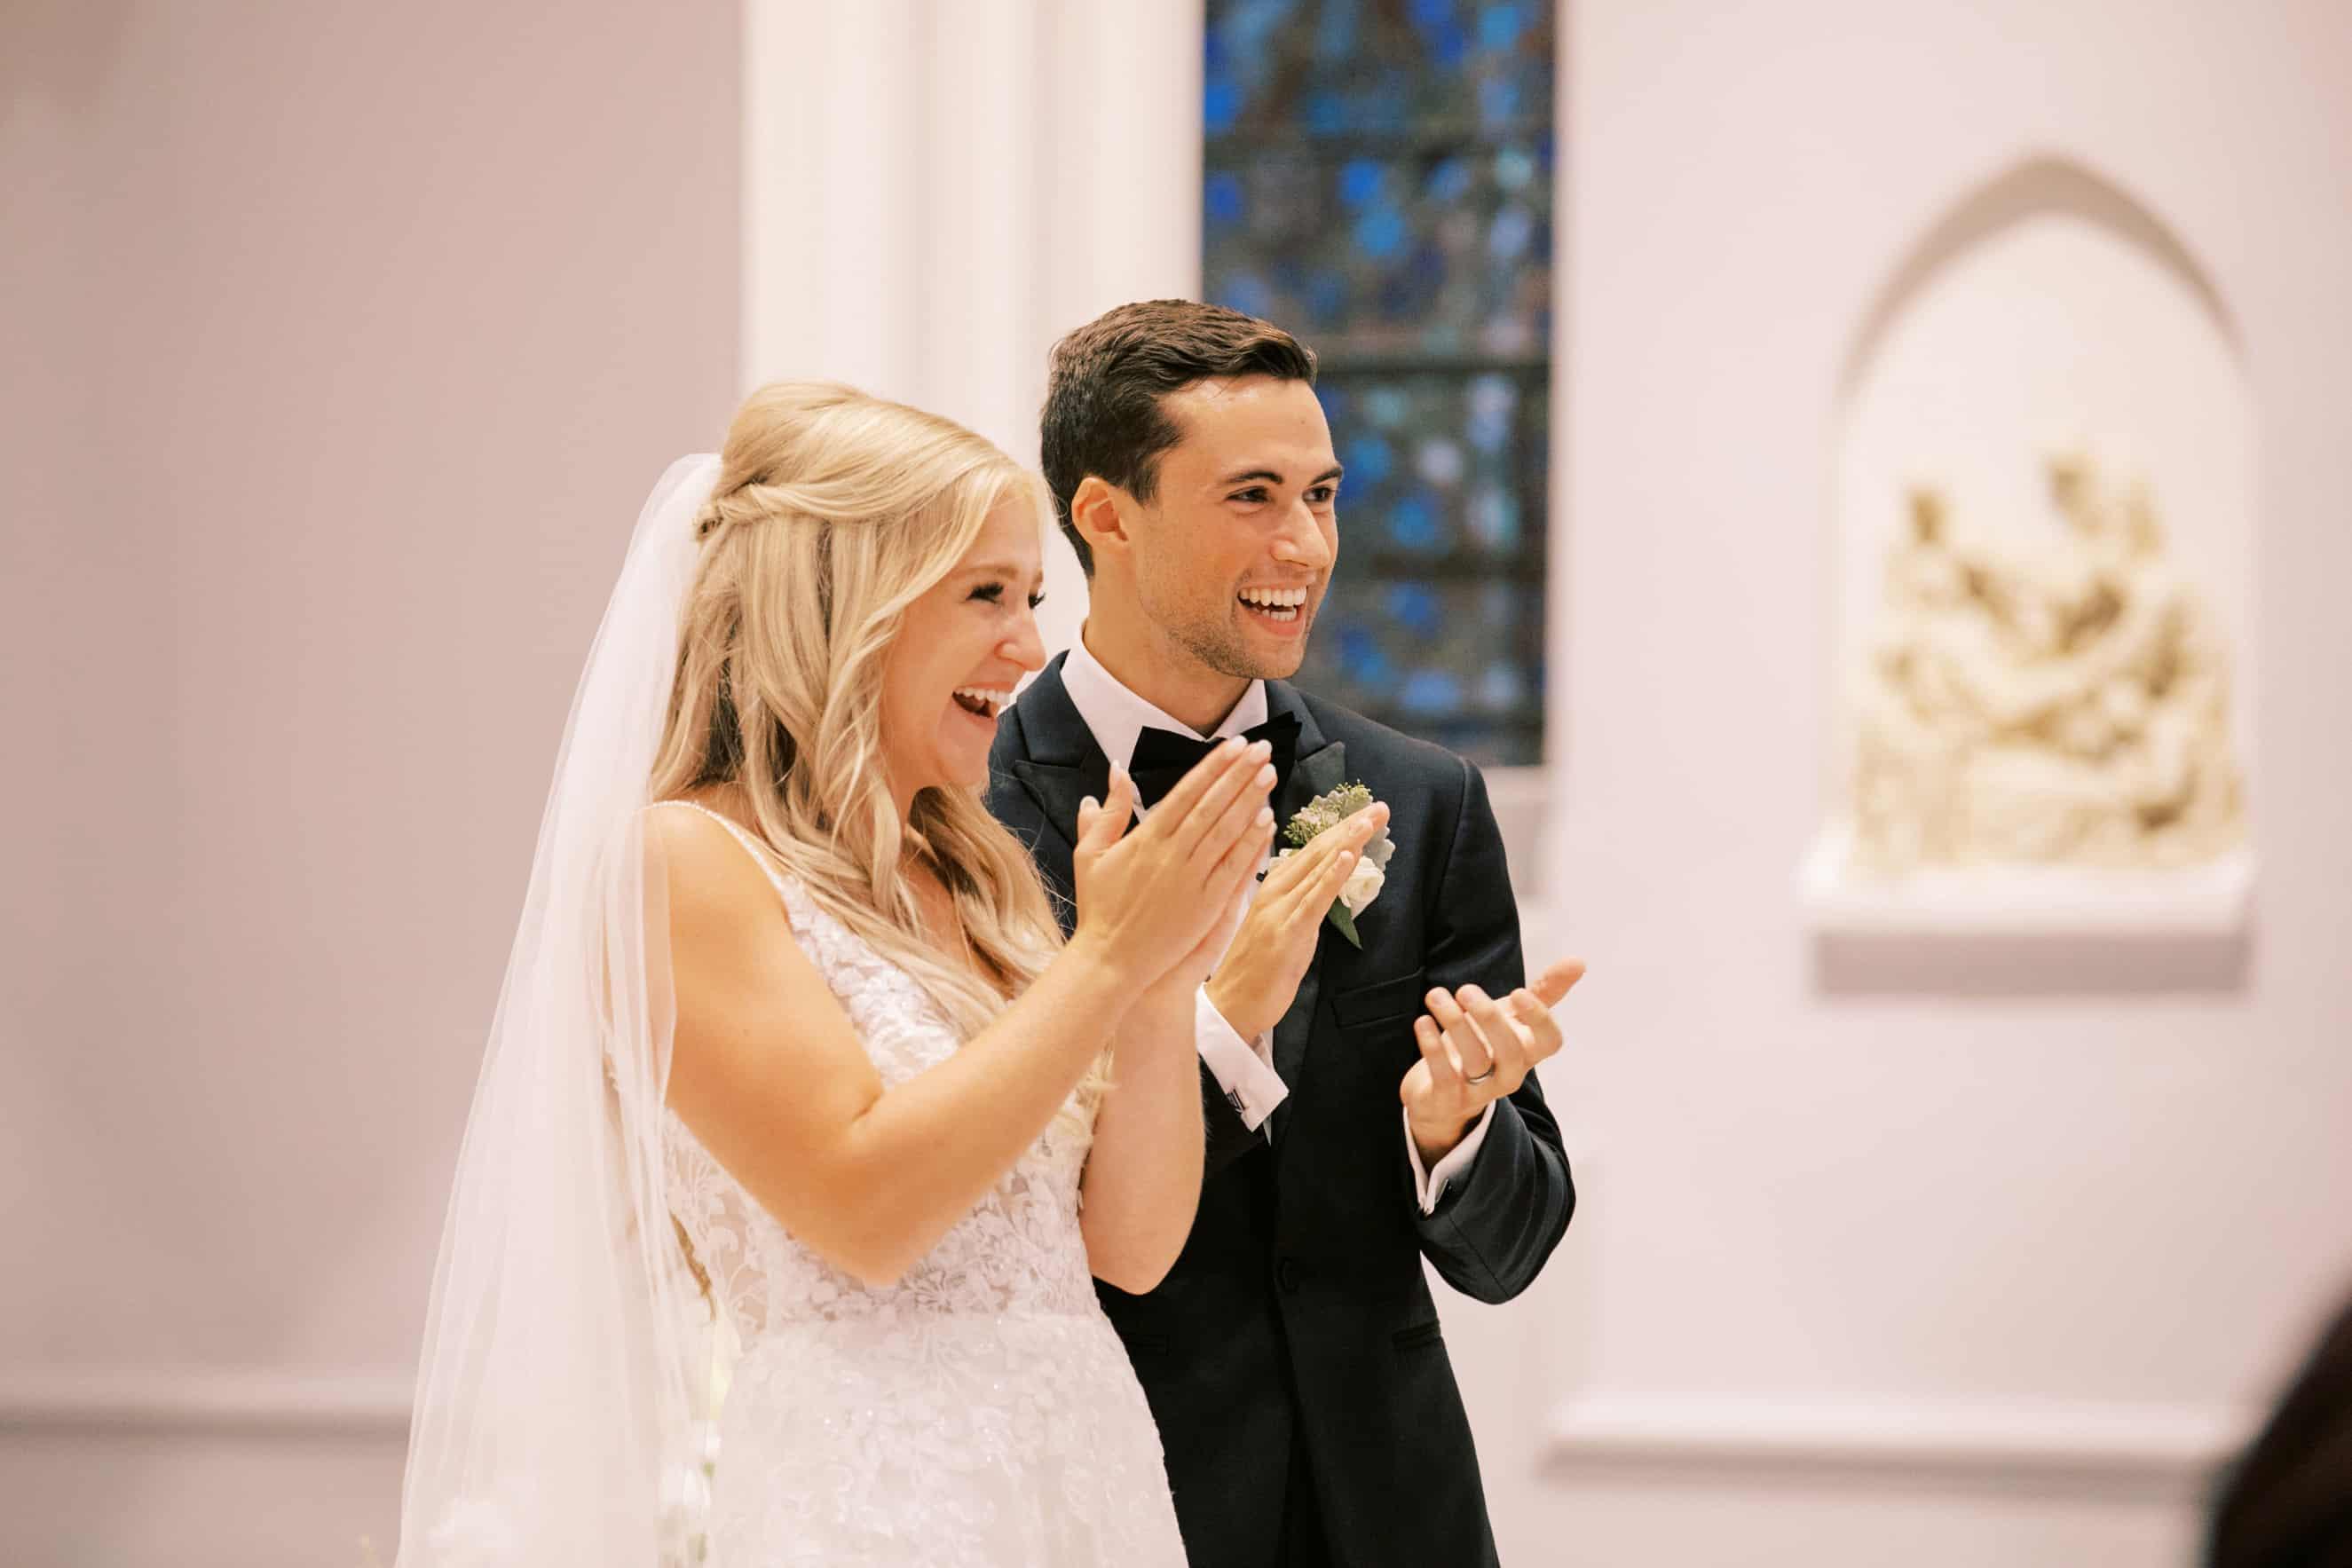 Villanova Chapel Wedding Costs